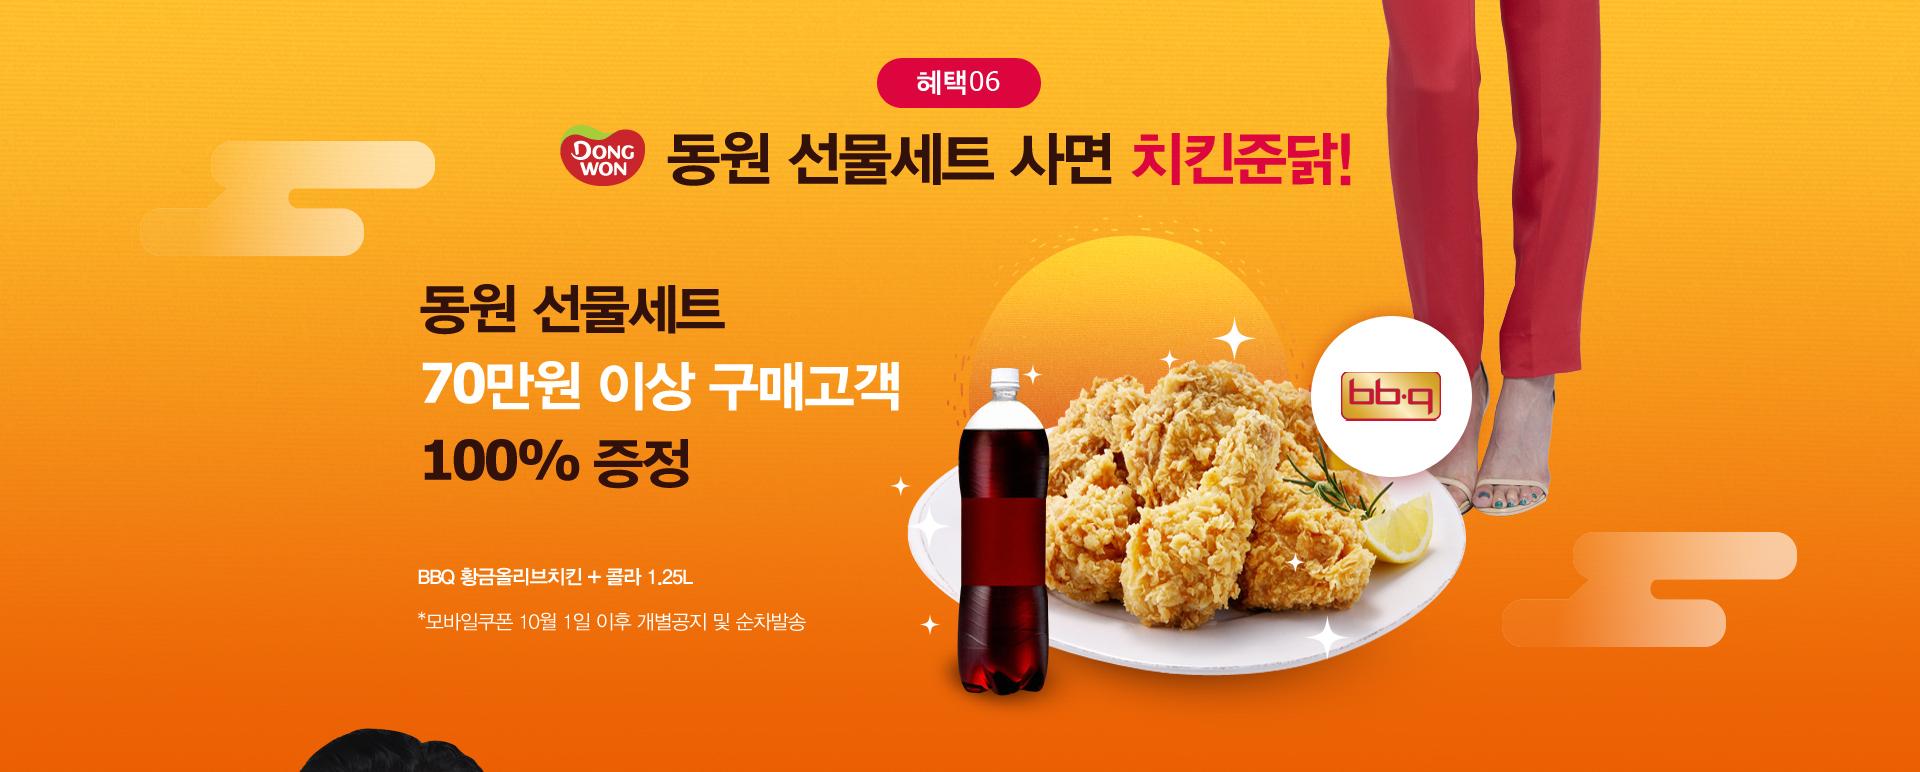 동원선물세트사면 치킨준닭!70만원이상 구매고객 100%증정